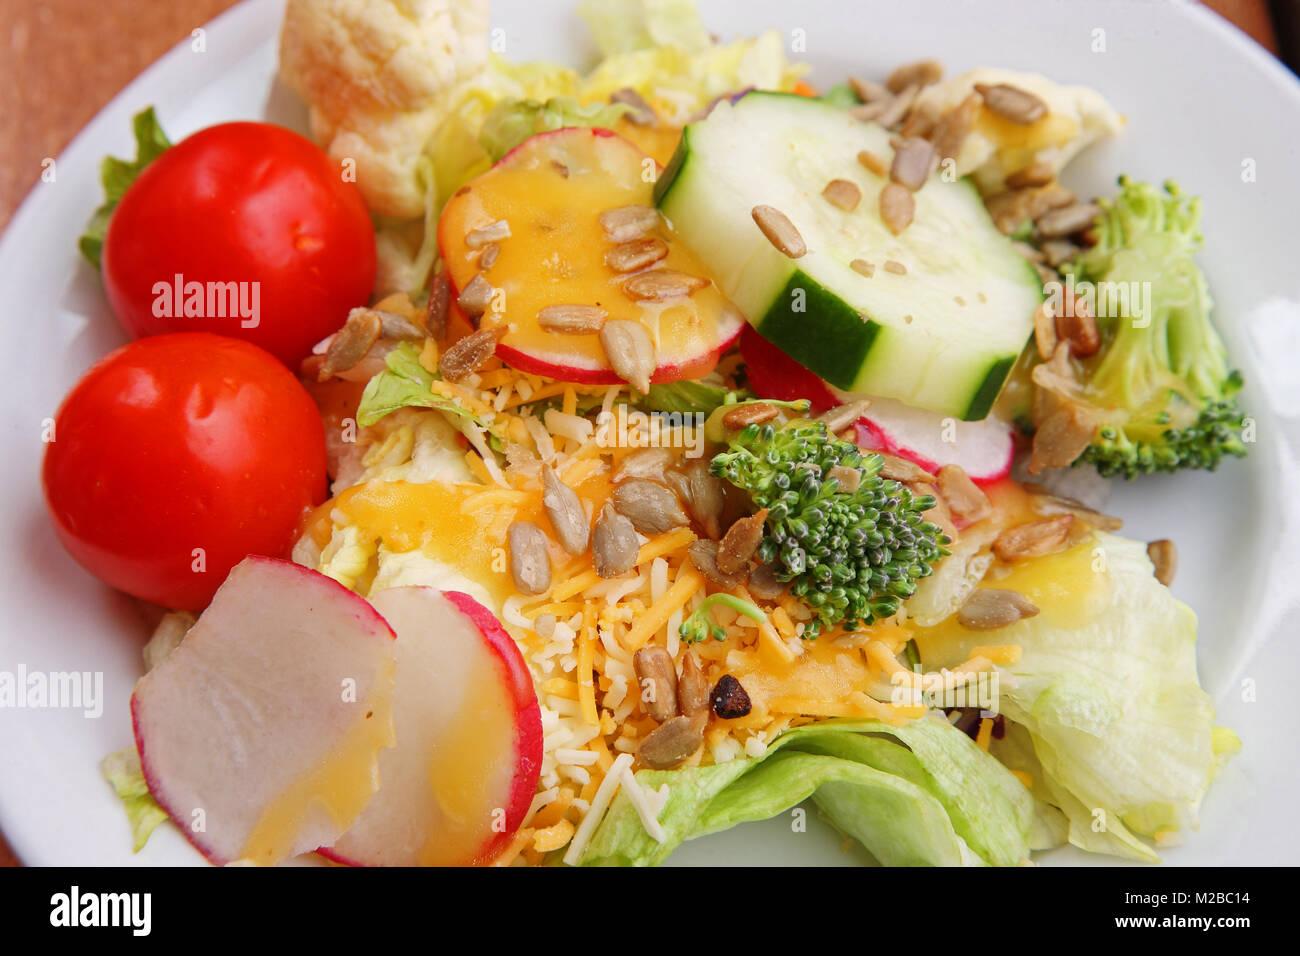 Lato verde insalata con formaggio medicazione Immagini Stock